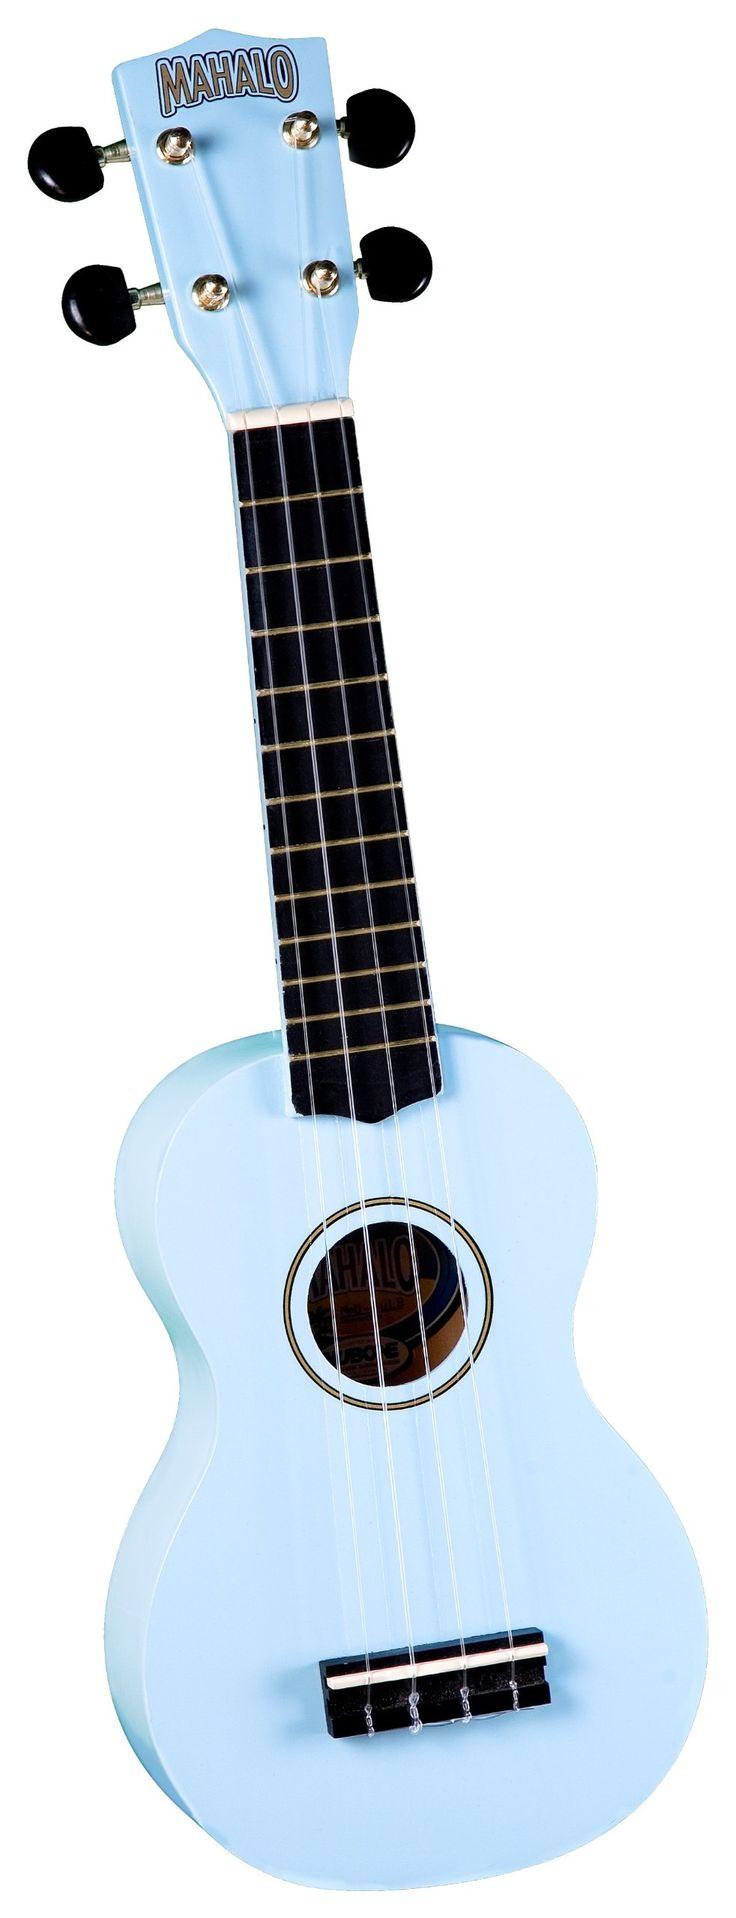 Amazon.com: Mahalo U-30LB Painted Economy Soprano Ukulele (Light Blue): Musical Instruments